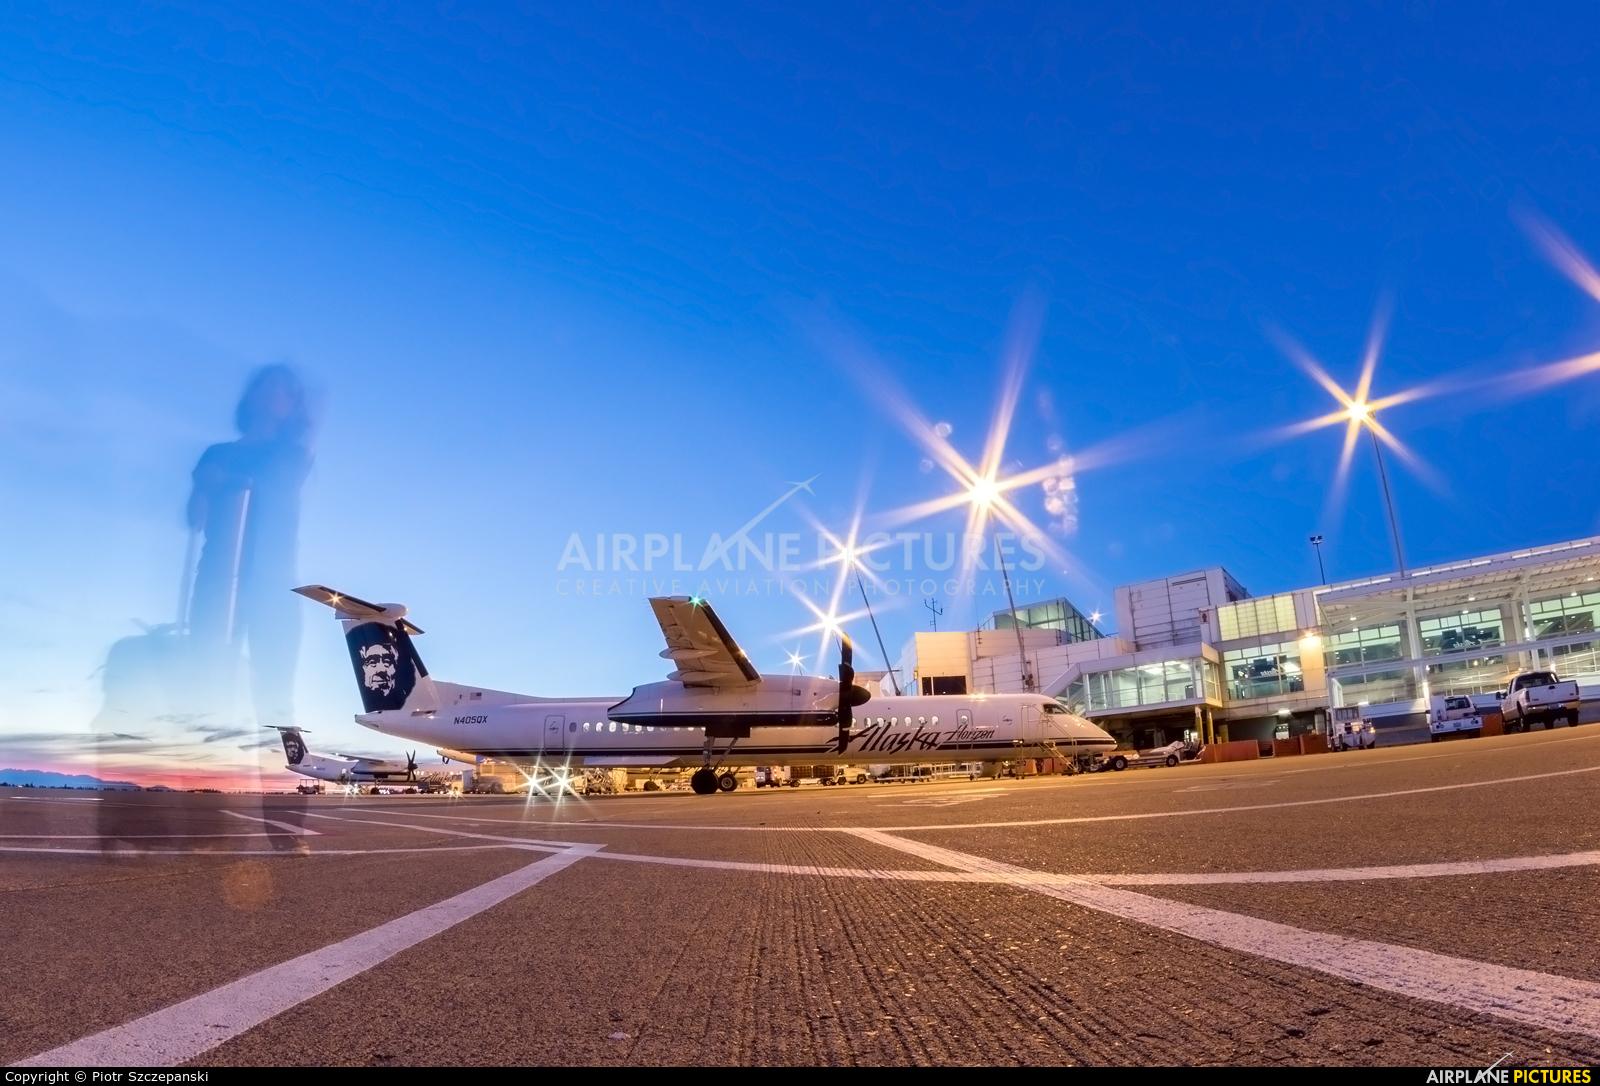 Alaska Airlines - Horizon Air N405QX aircraft at Seattle-Tacoma Intl